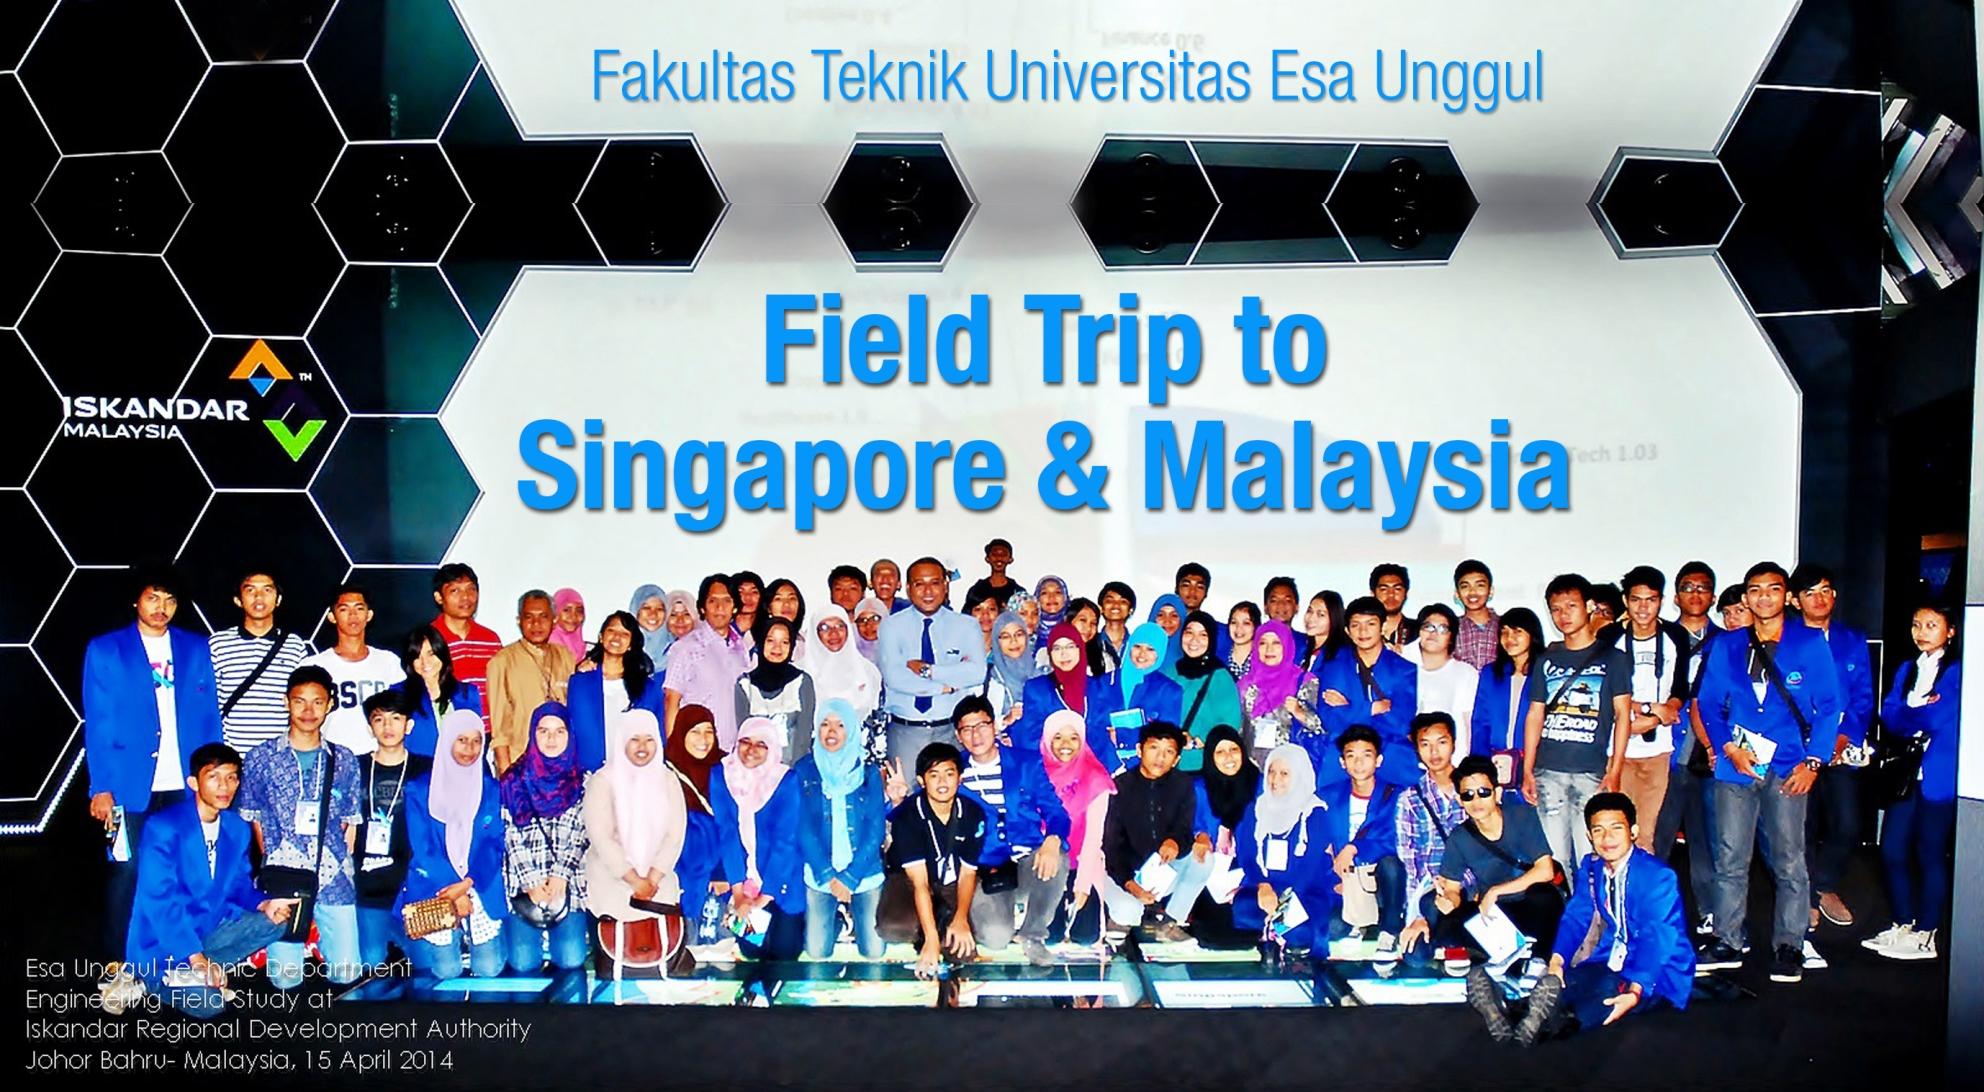 Field trip to Singapore – Malaysia Fakultas Teknik Universitas Esa Unggul